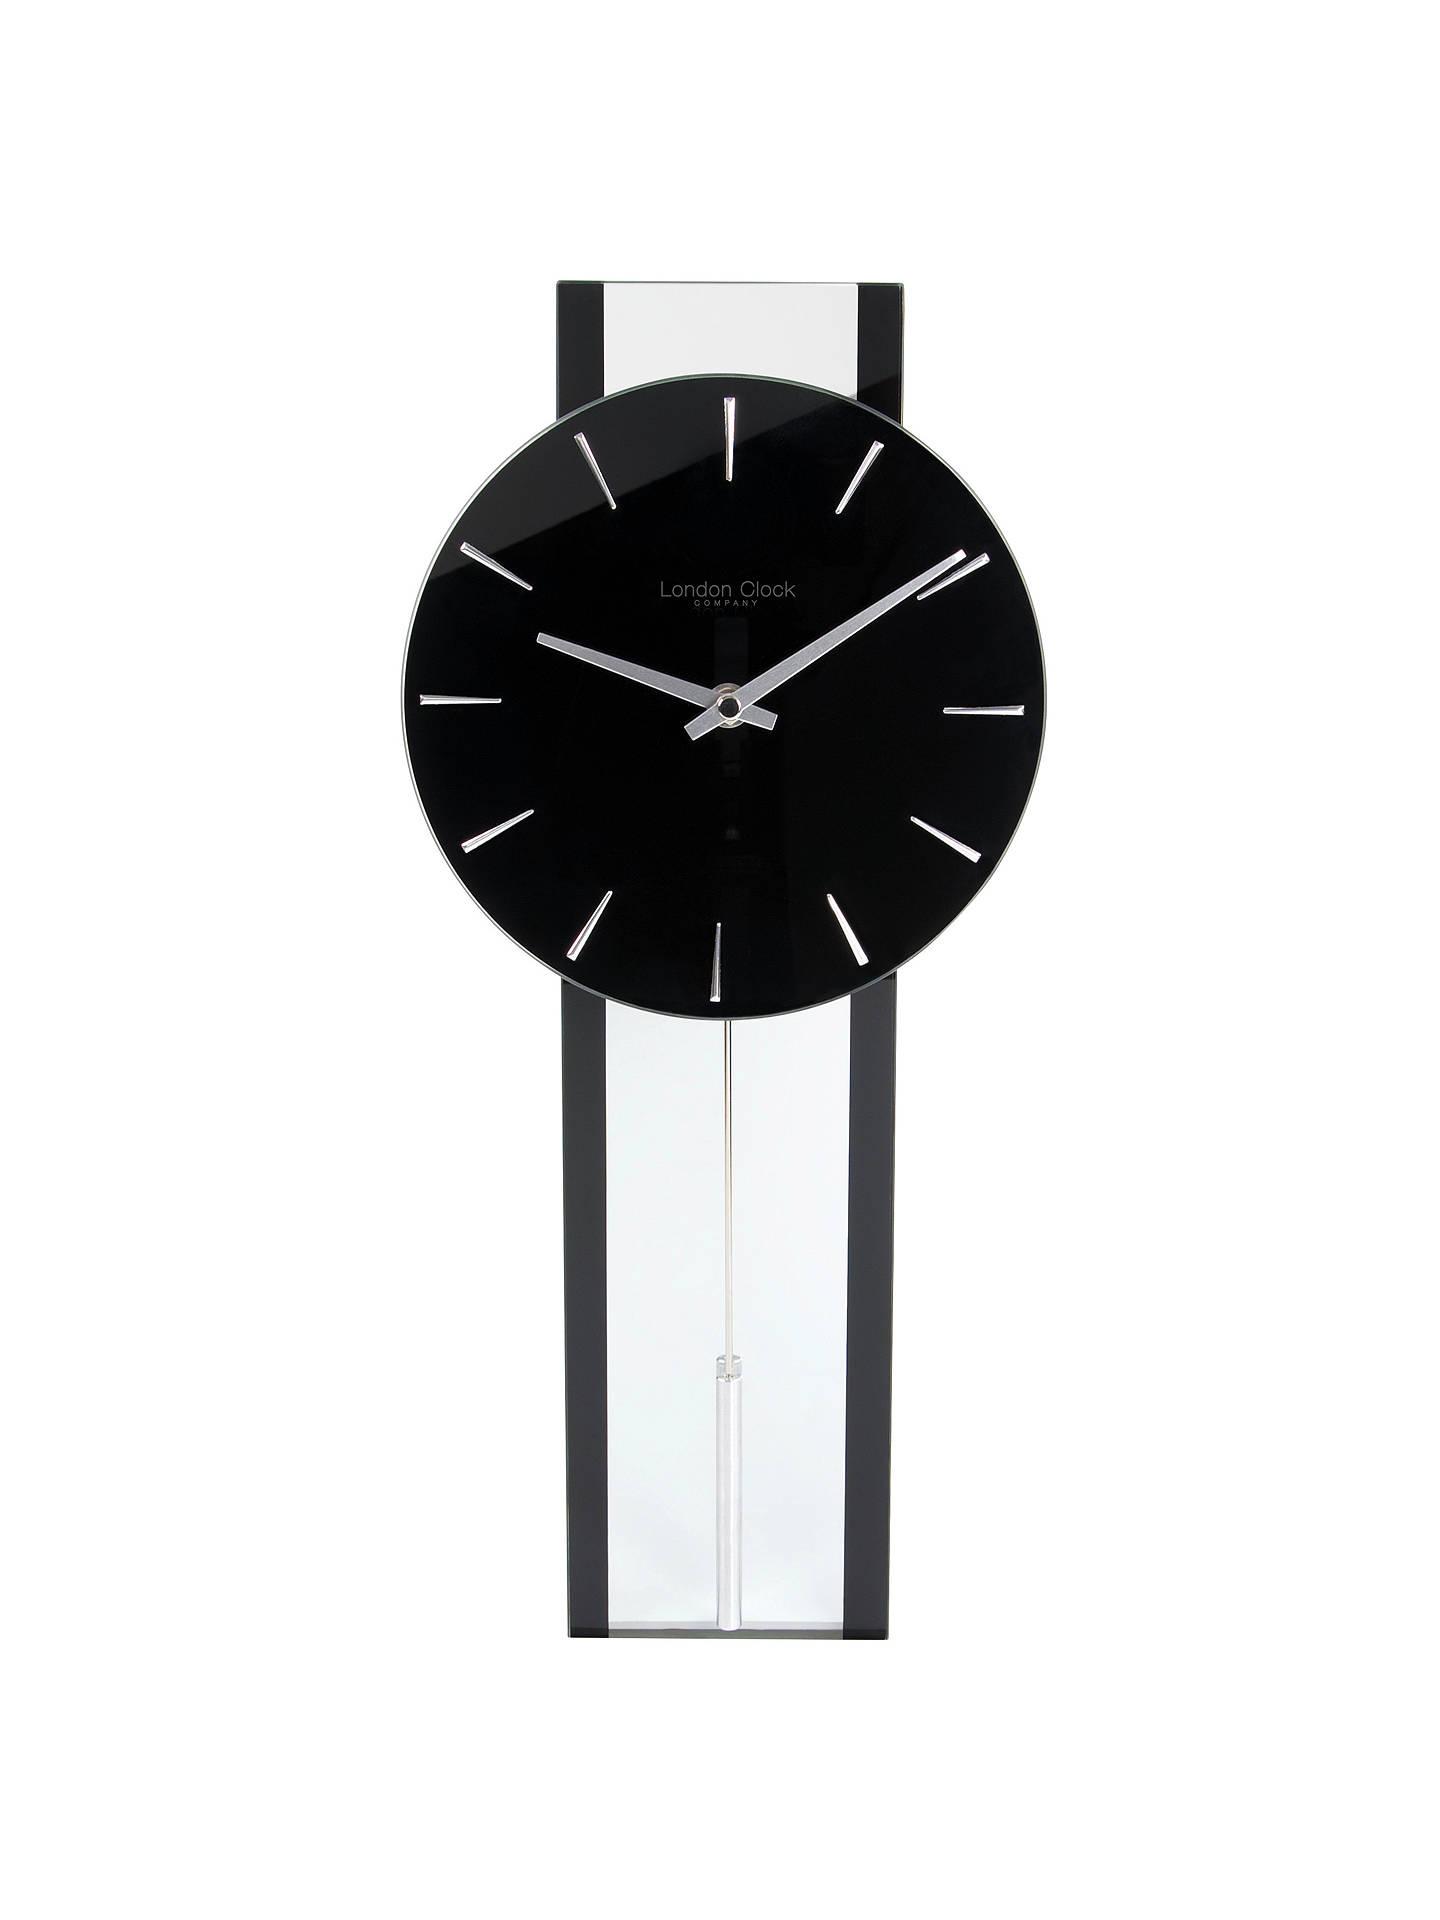 London Clock Company Pendulum Wall Clock Black At John